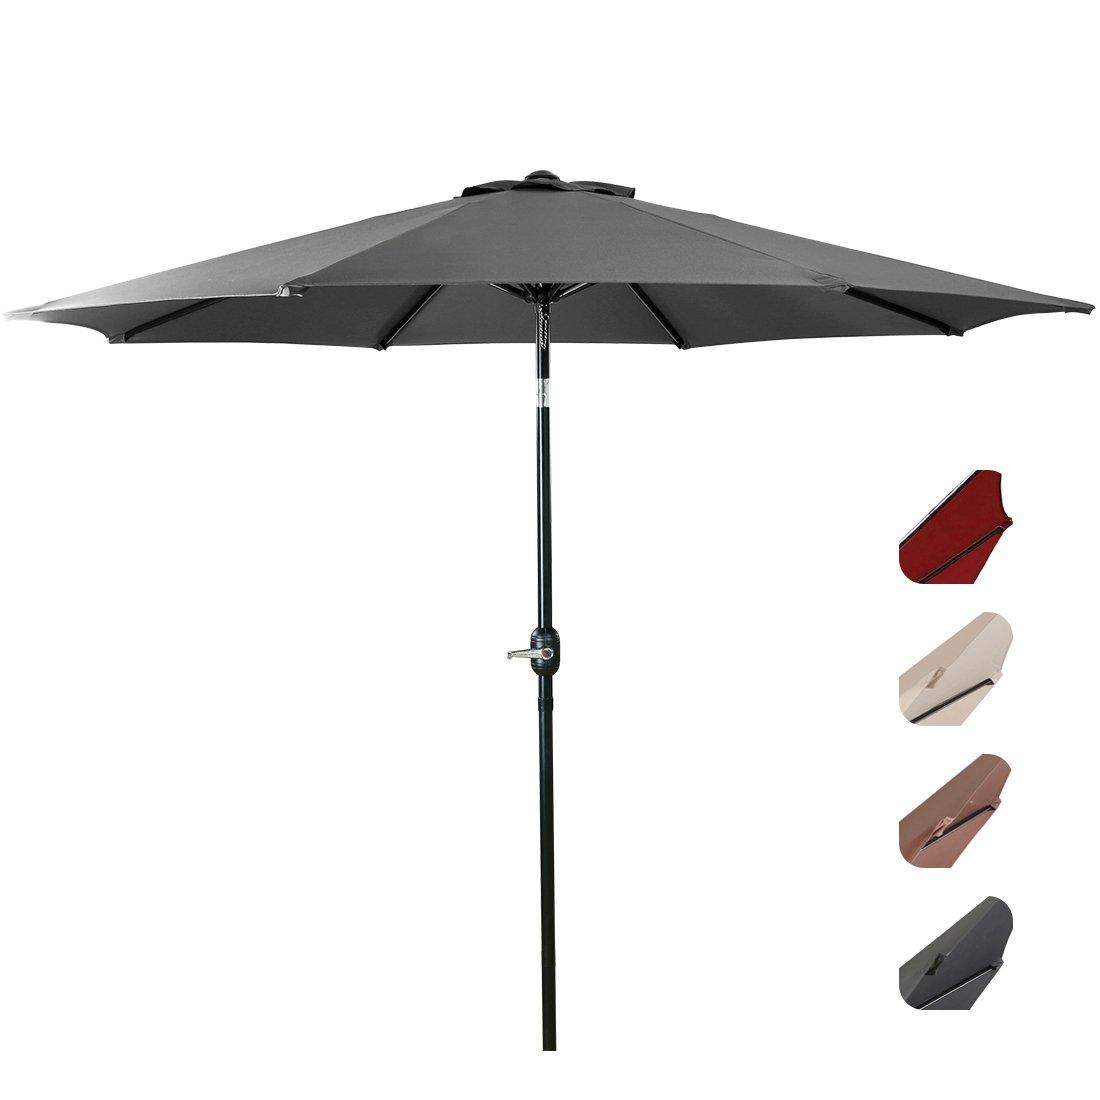 EASELAND Patio Umbrella 9-Feet Outdoor Table Market Umbrella Push Button Tilt and Crank Garden Parasol with Crank Winder, 8 Ribs, Grey